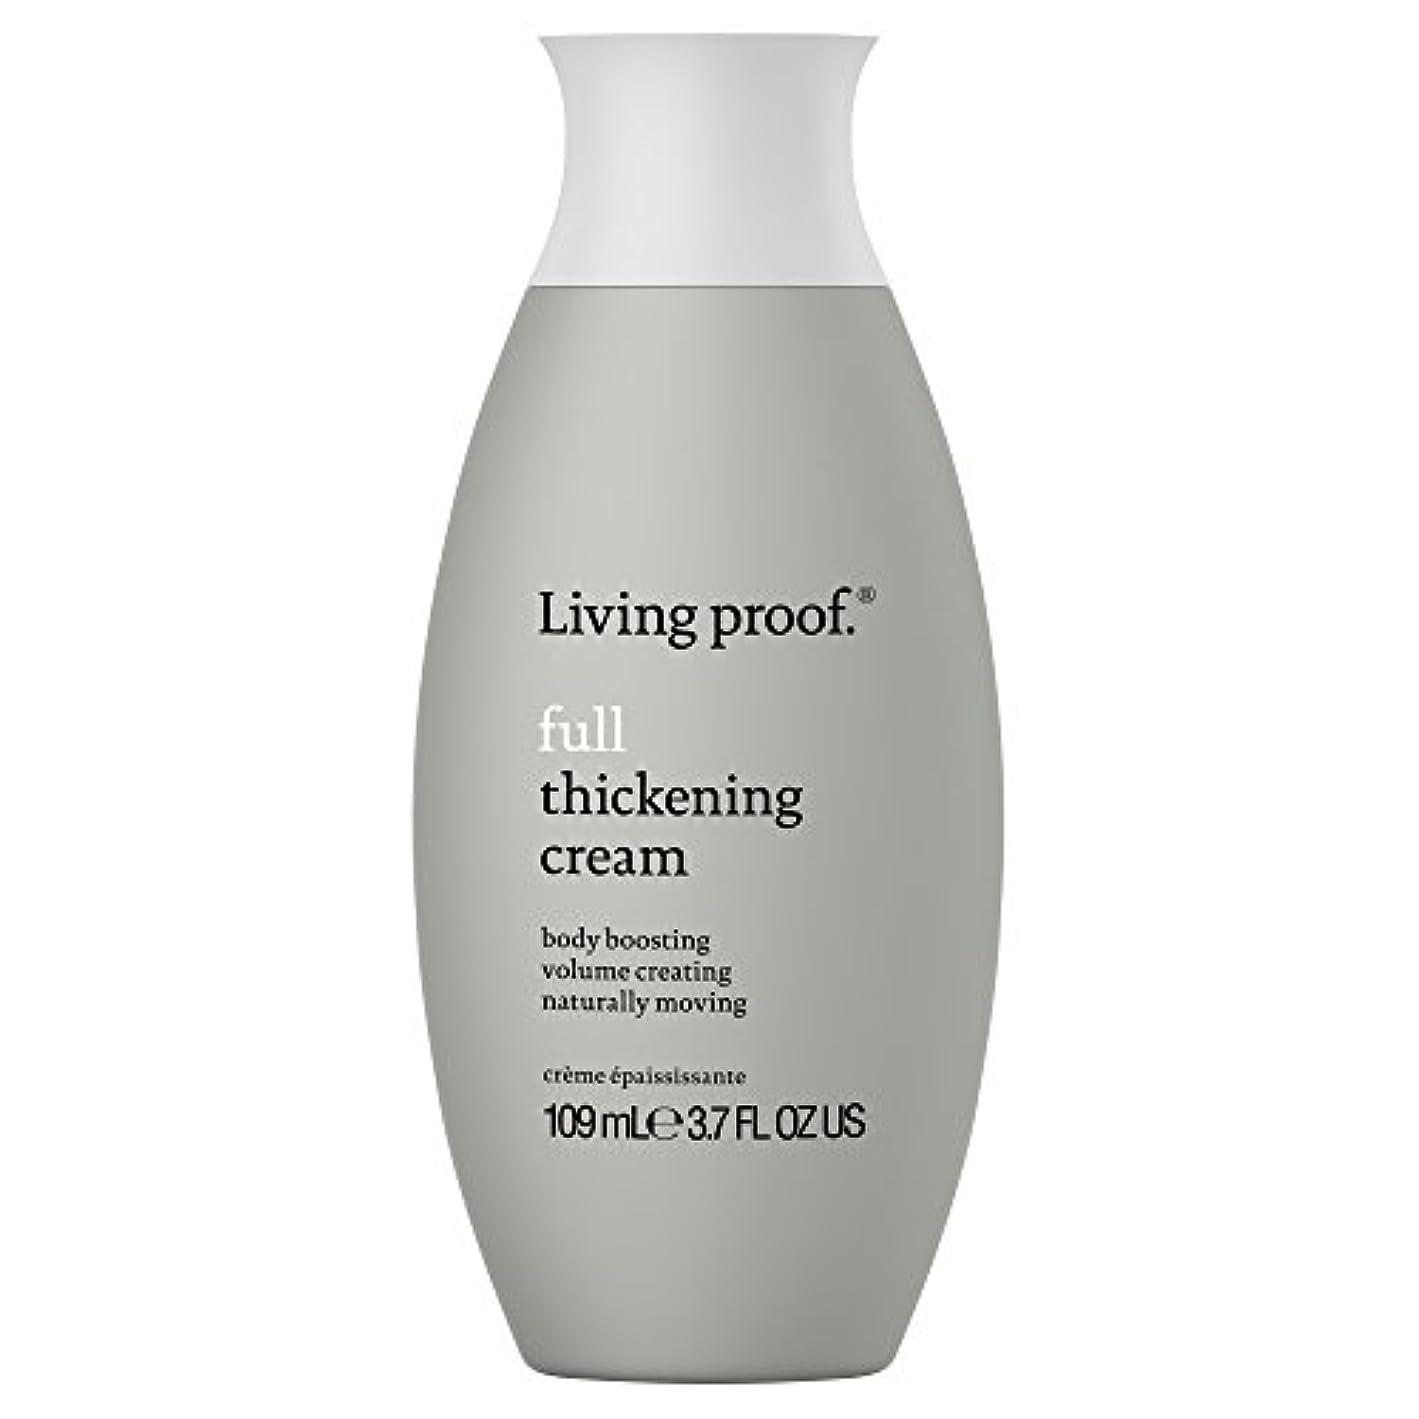 最適コンサルタントフリッパー生きている証拠フル肥厚クリーム109ミリリットル (Living Proof) (x6) - Living Proof Full Thickening Cream 109ml (Pack of 6) [並行輸入品]